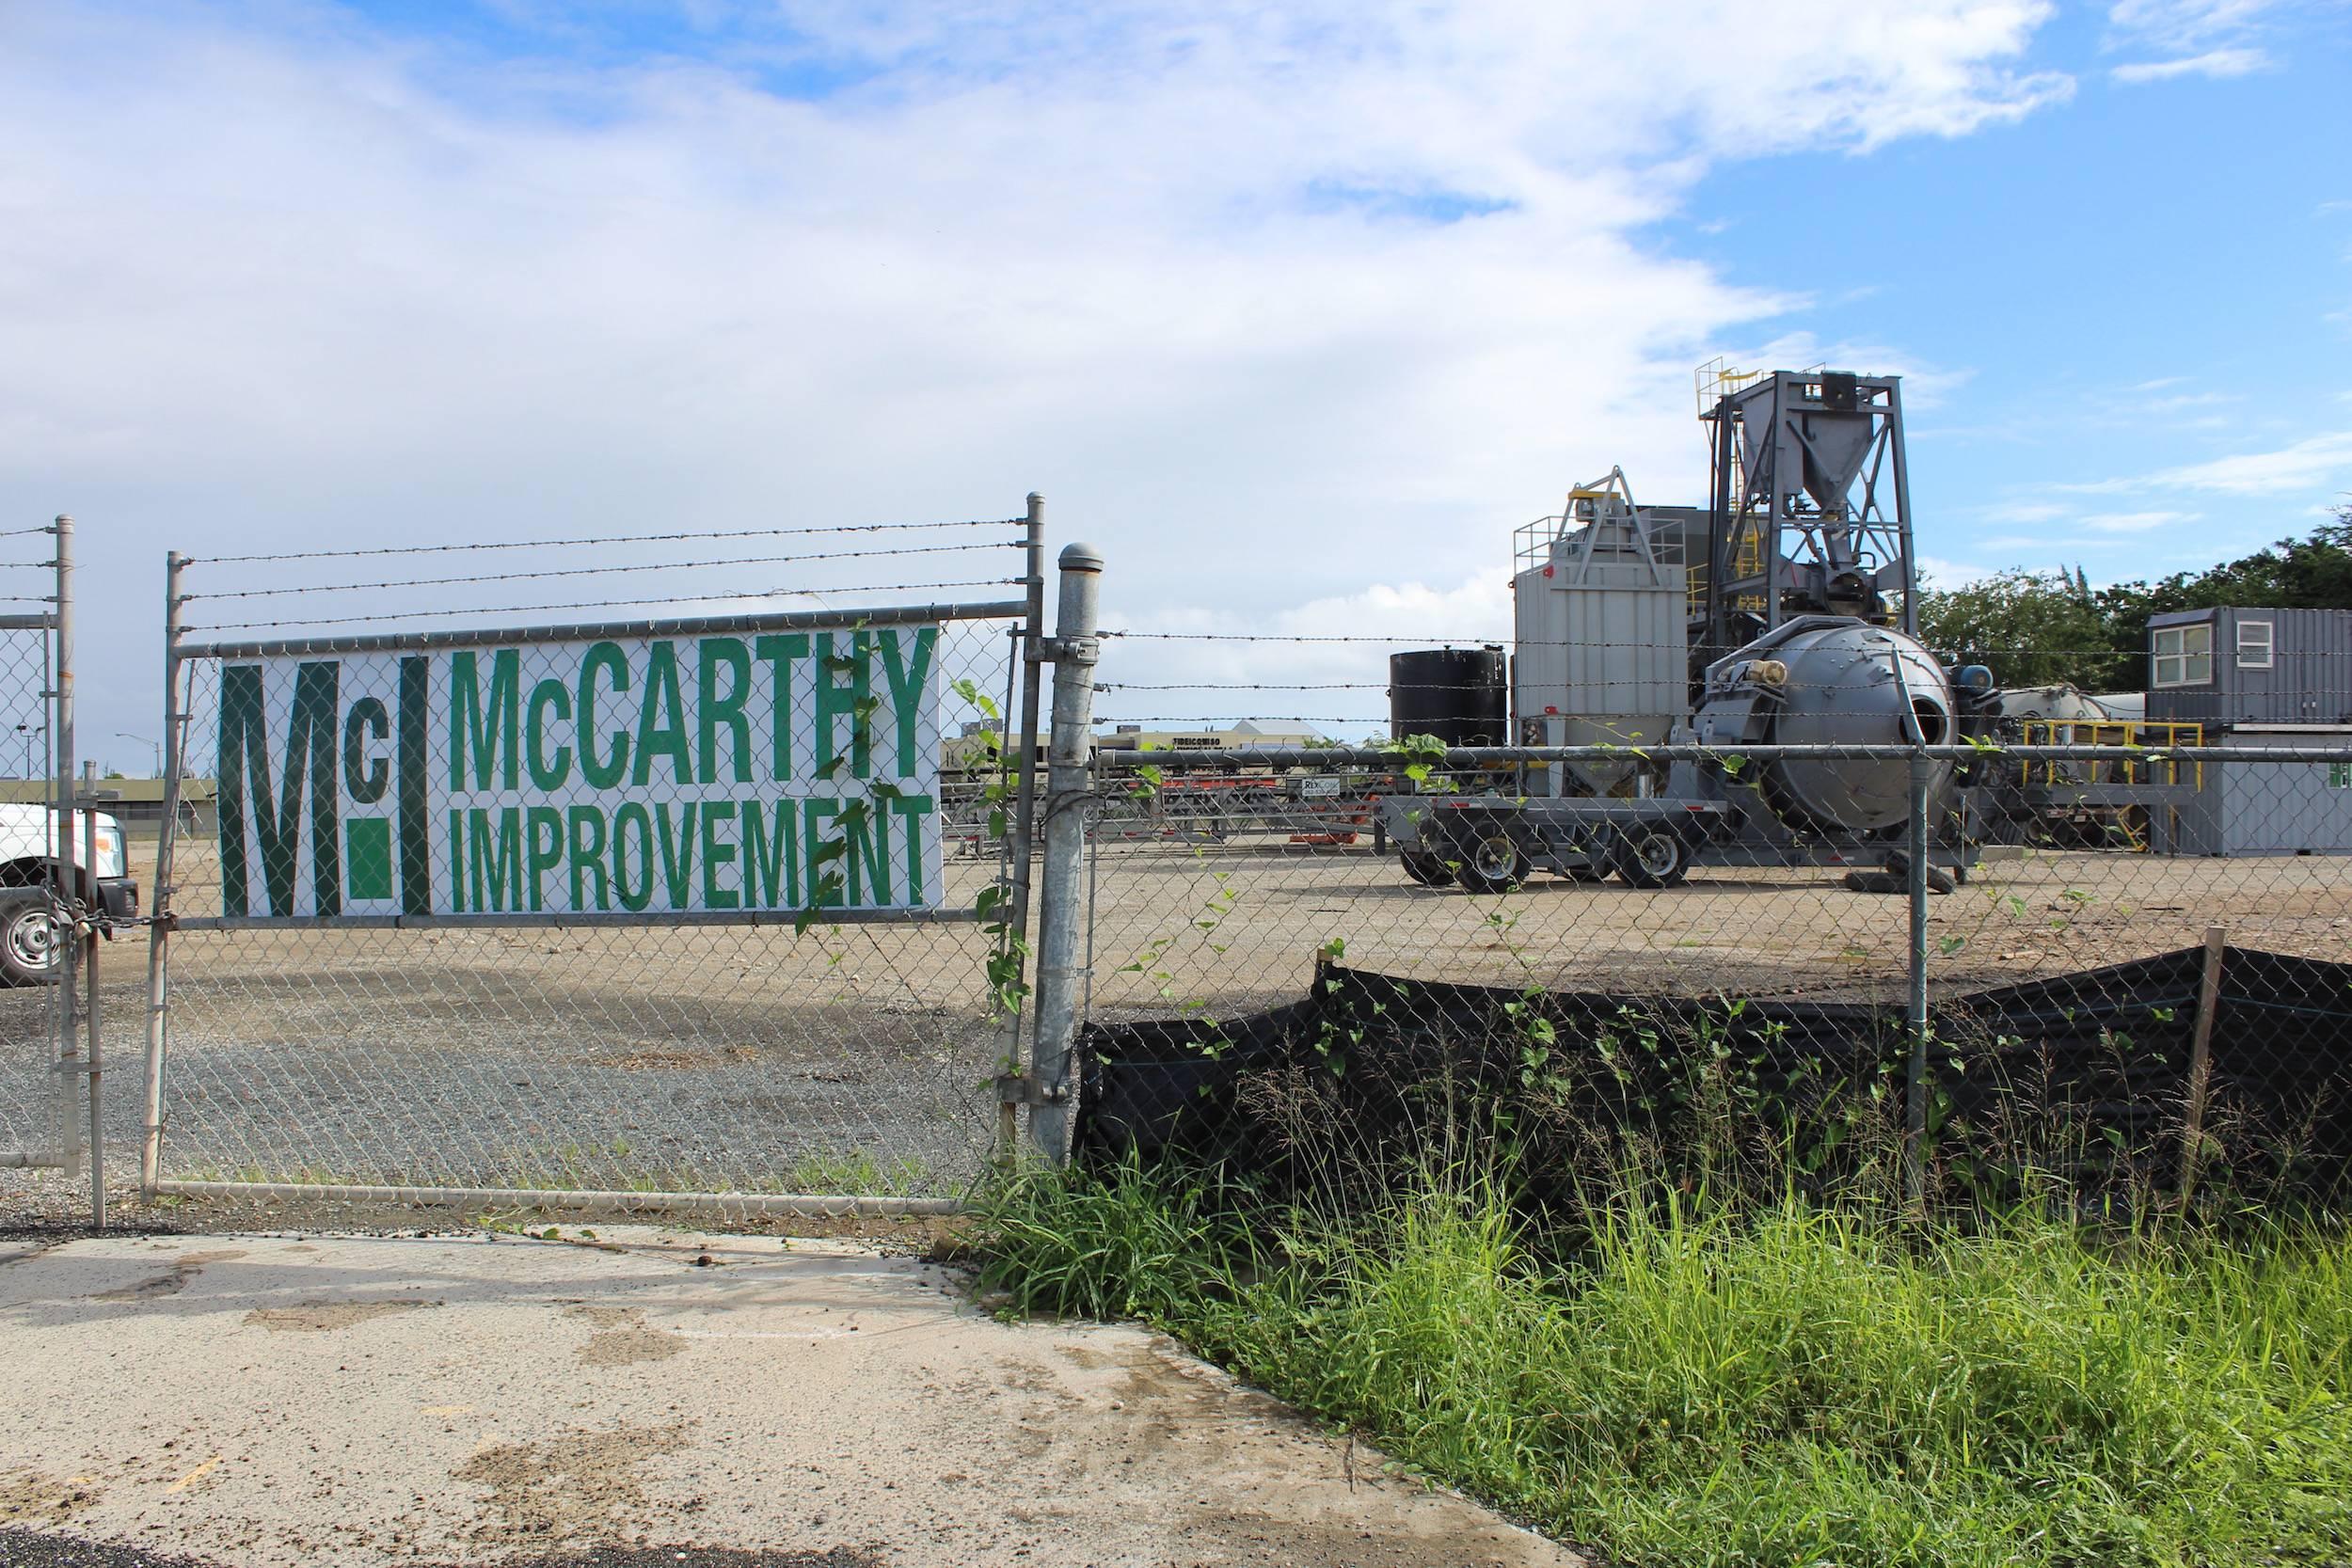 Imagen tomada hoy por Metro muestran el equipo de la planta en terrenos del Aeropuerto Luis Muñoz Marín, aunque parte del equipo ha sido desmontado. / David Cordero Mercado